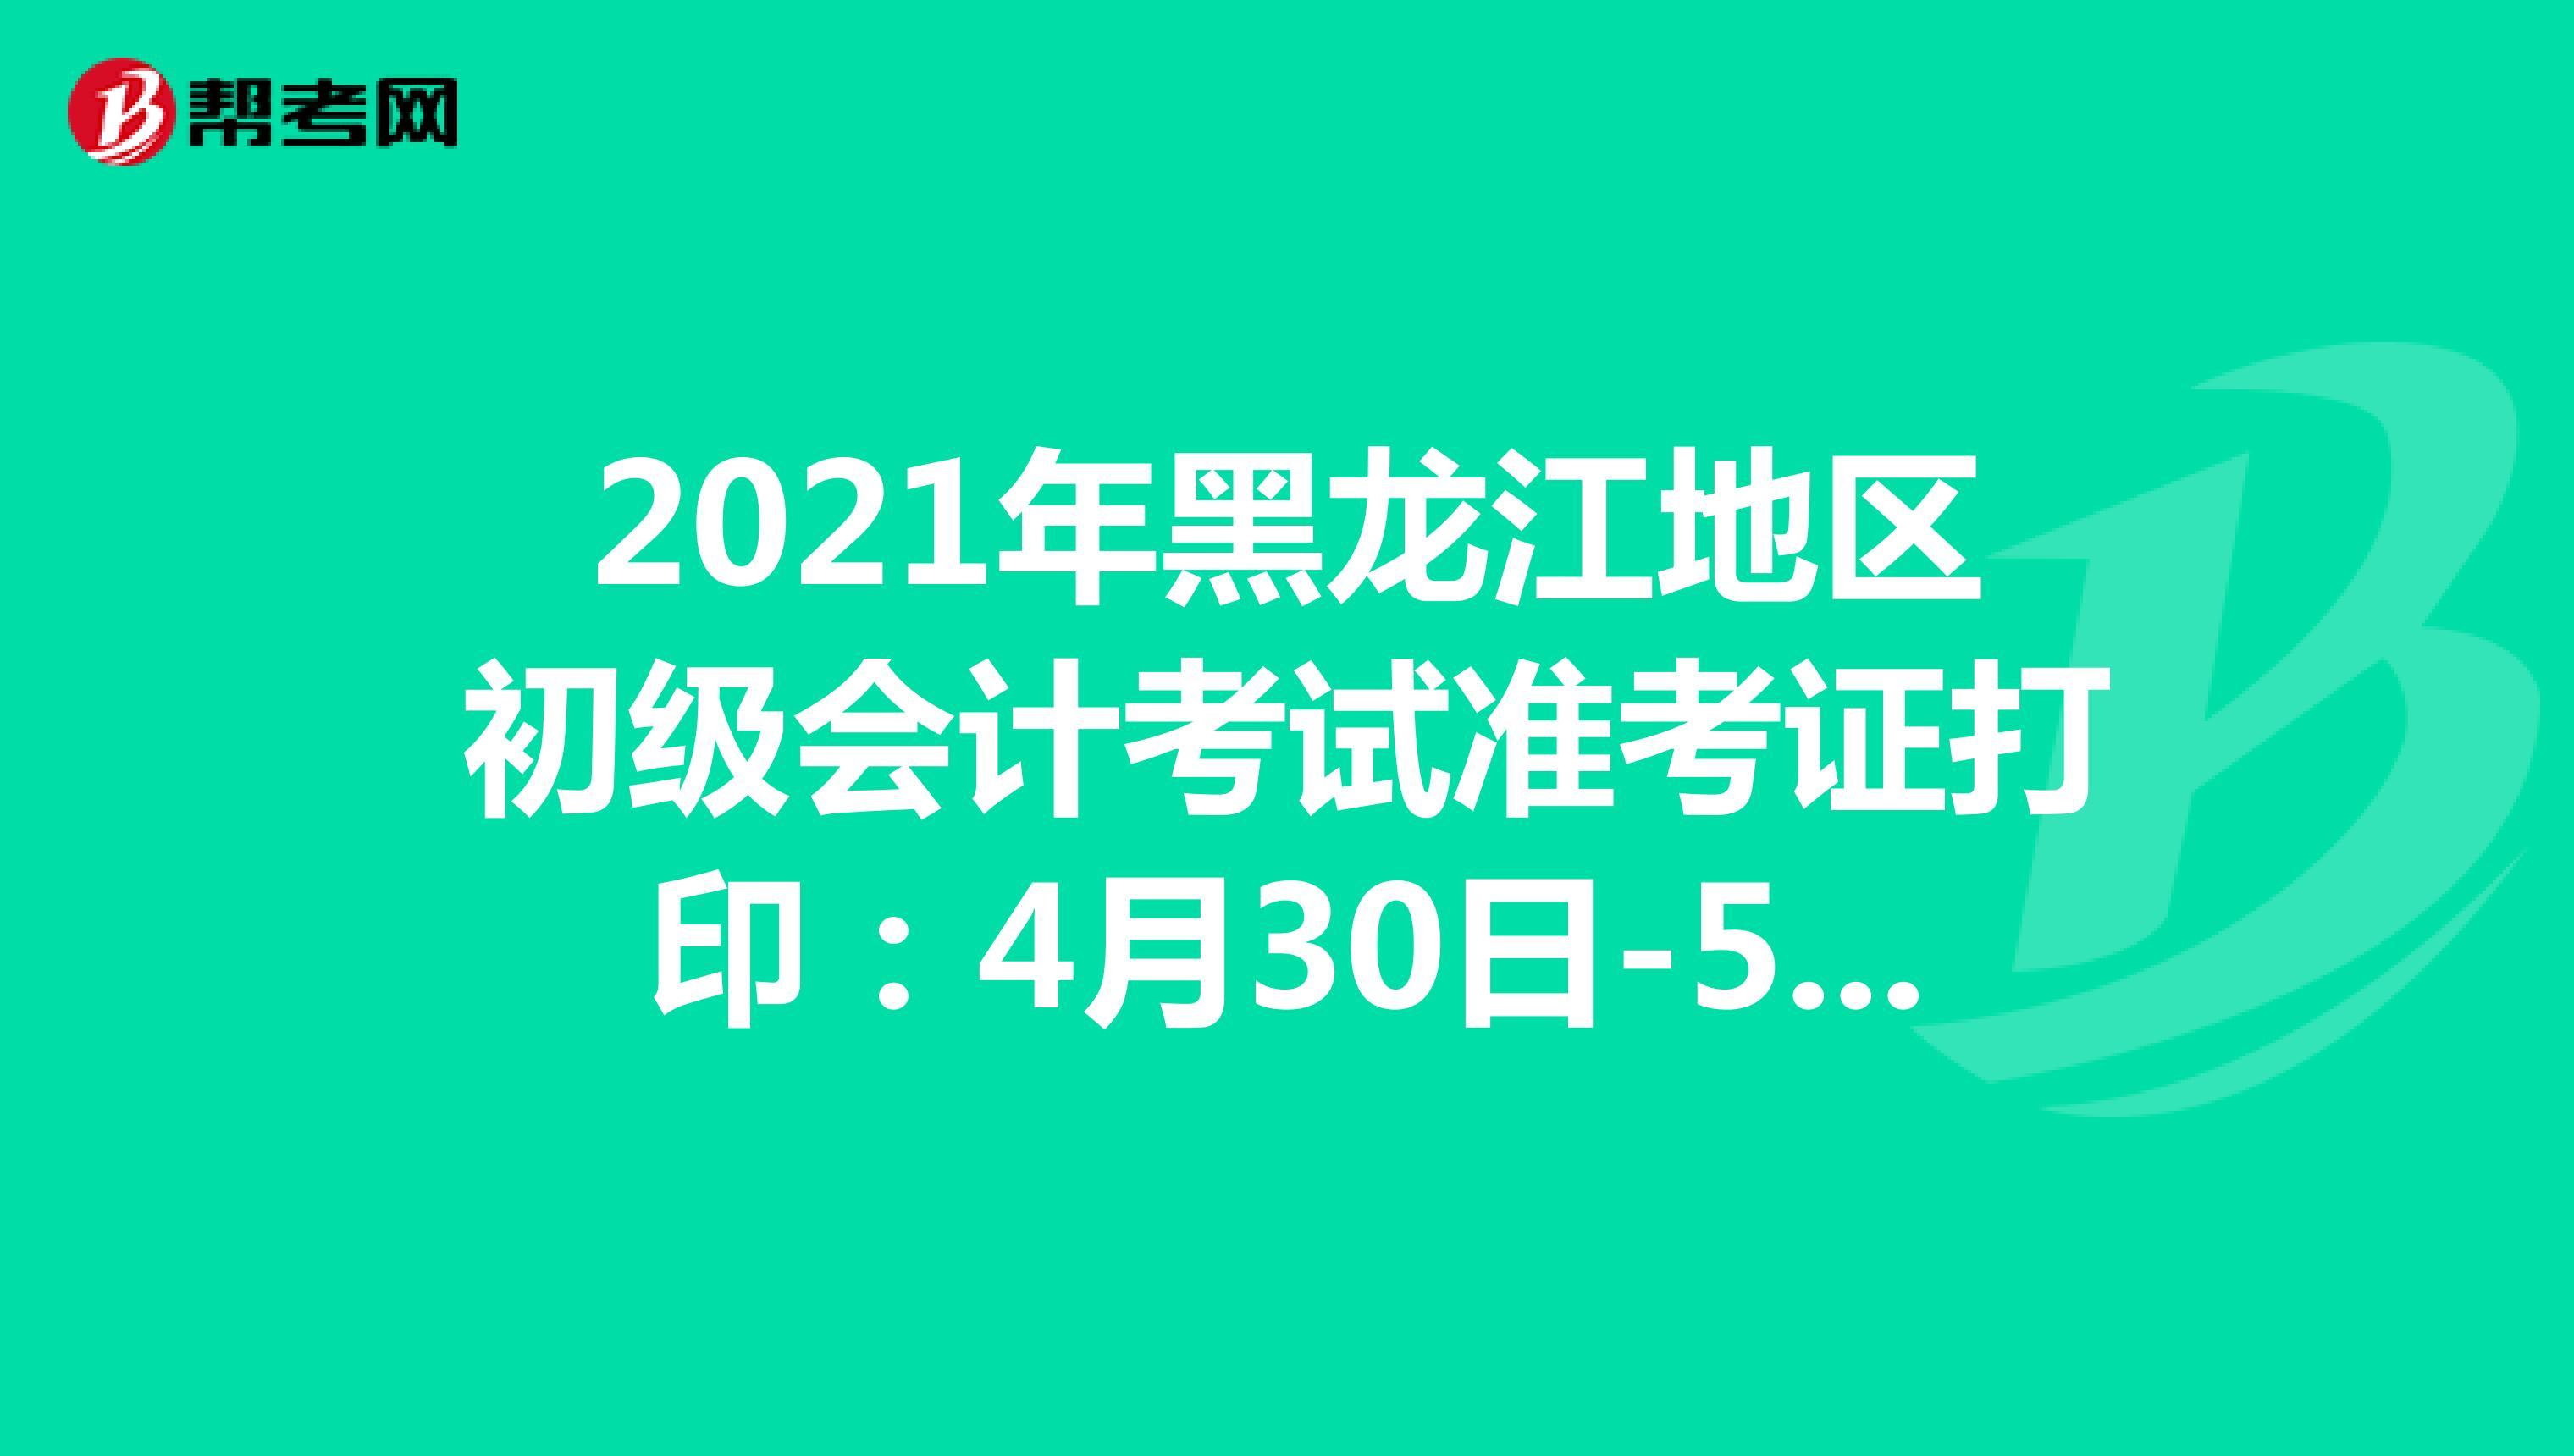 2021年黑龙江地区初级会计考试准考证打印:4月30日-5月14日